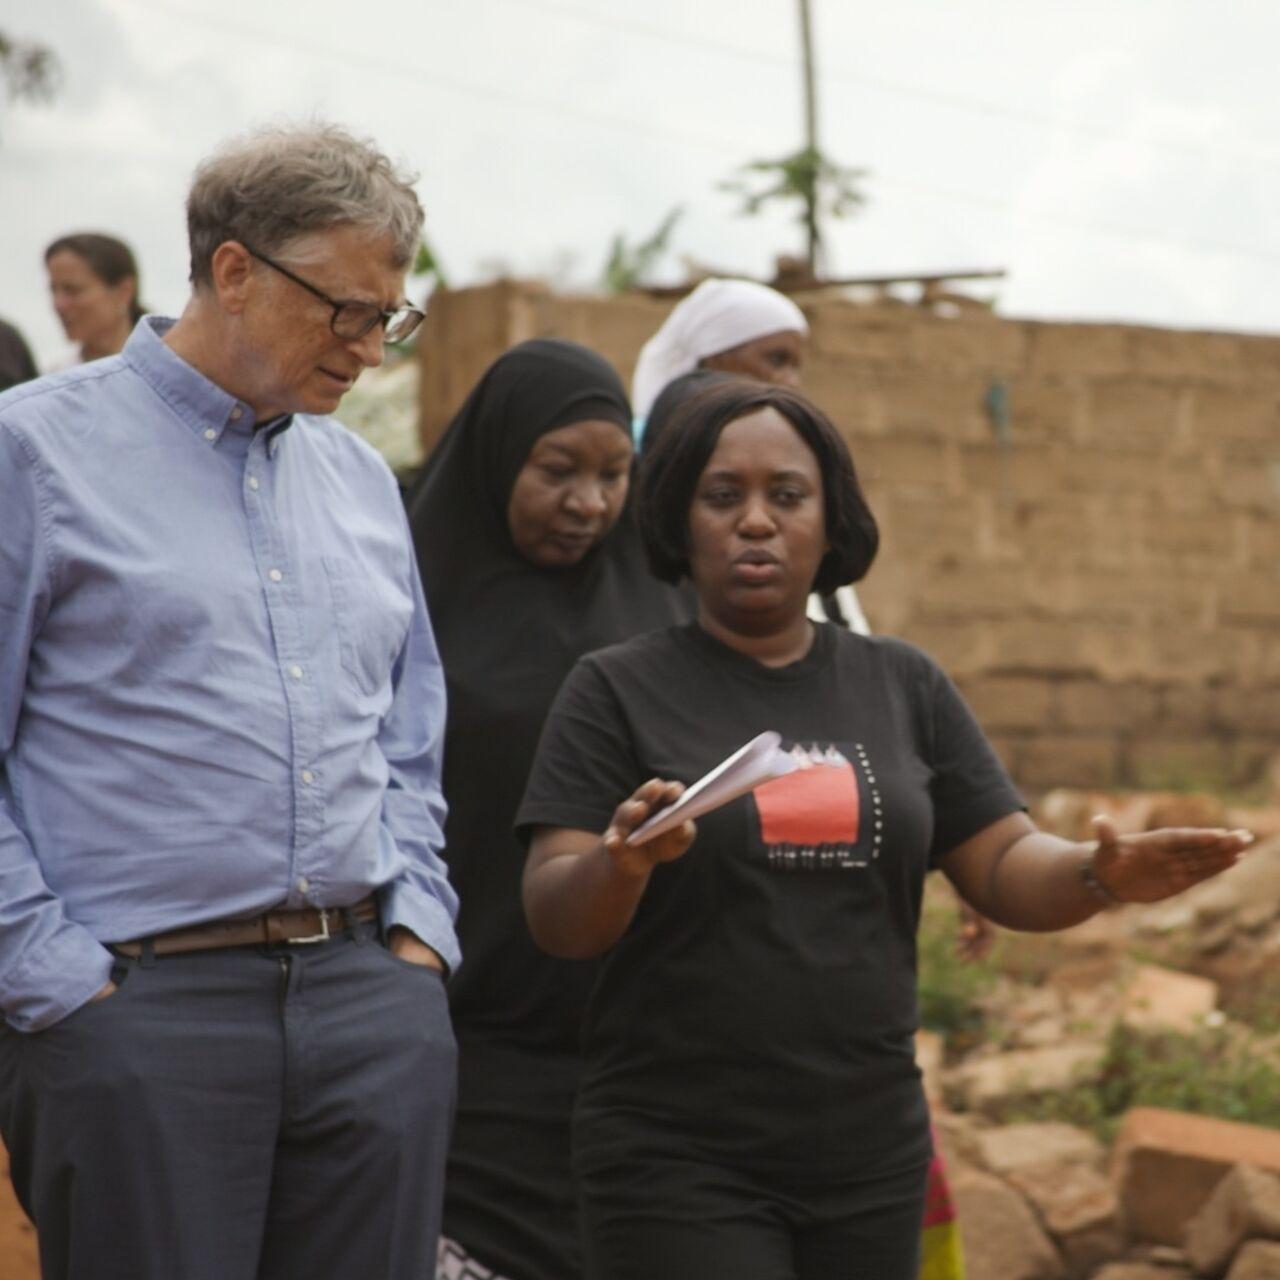 Первое фото Билла Гейтса в Инстаграм  произвело фурор вглобальной web-сети